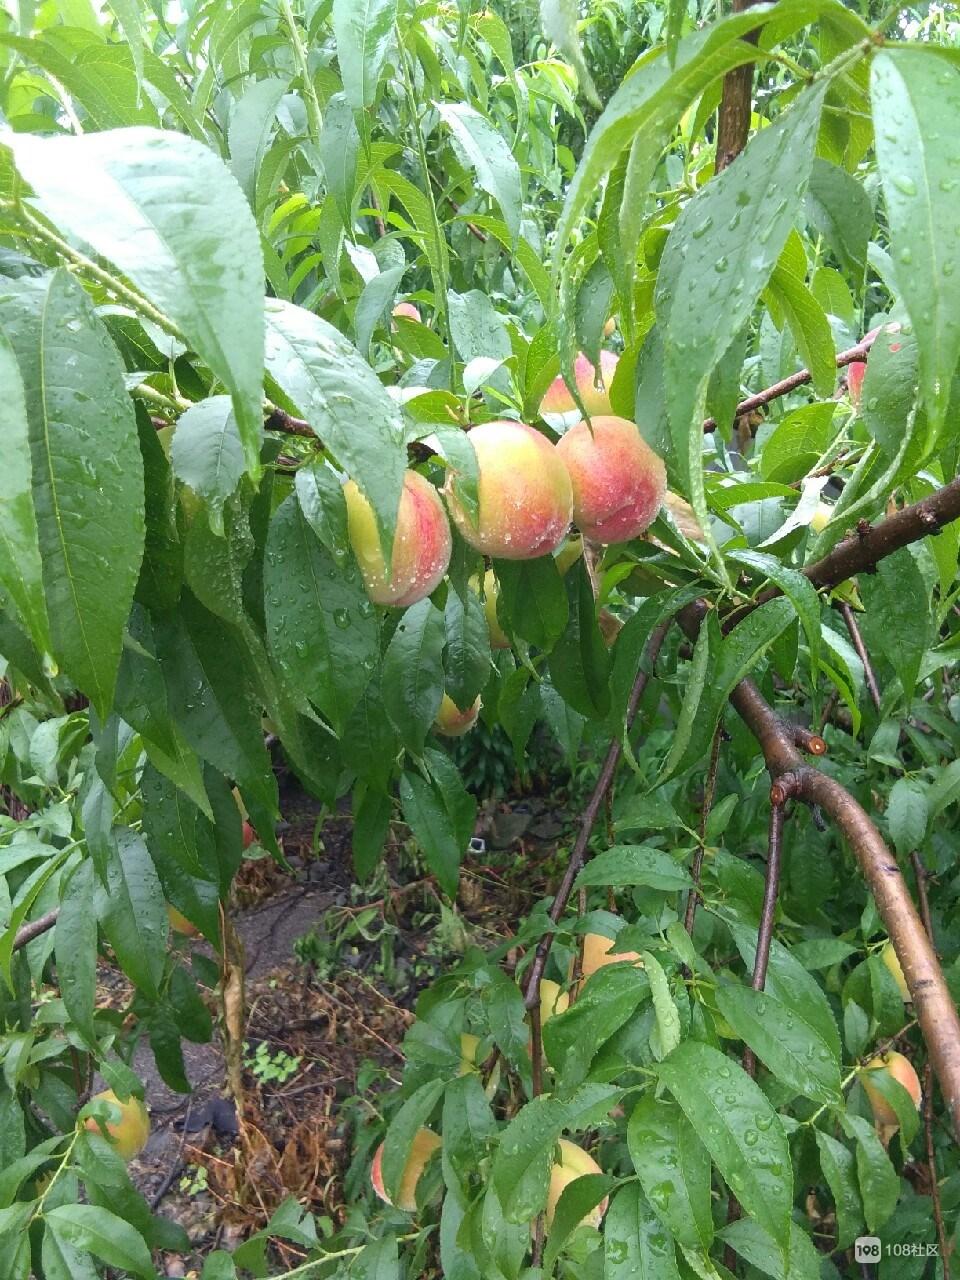 烂桃子倒墙角喂鸡,没几年竟长出桃树,还开花结果了